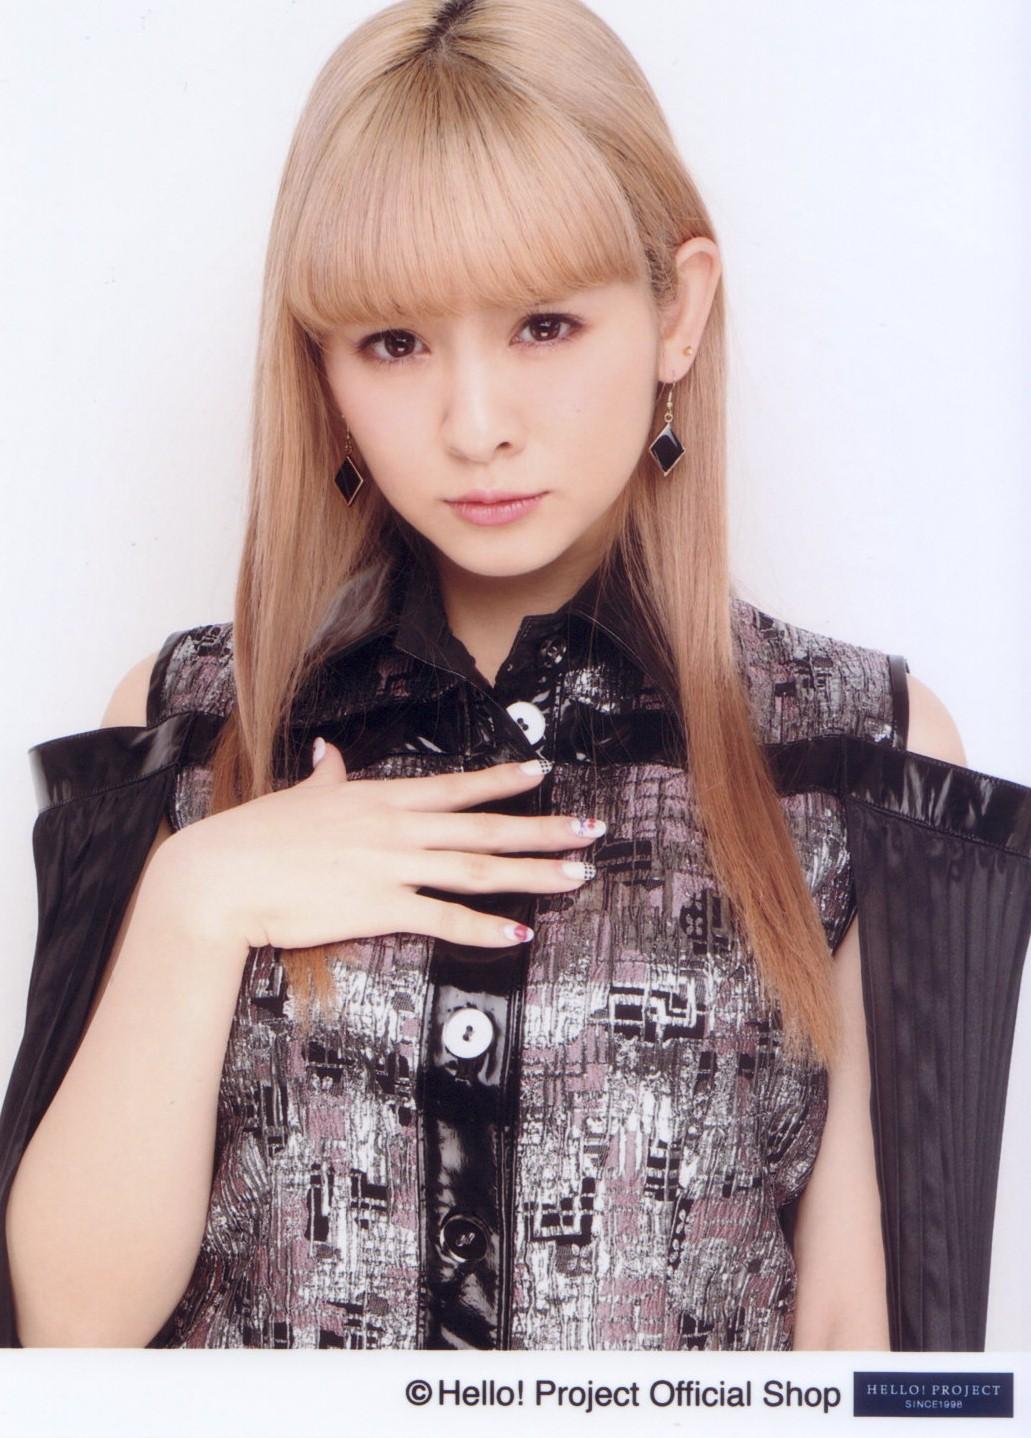 菅谷梨沙子の画像 p1_12